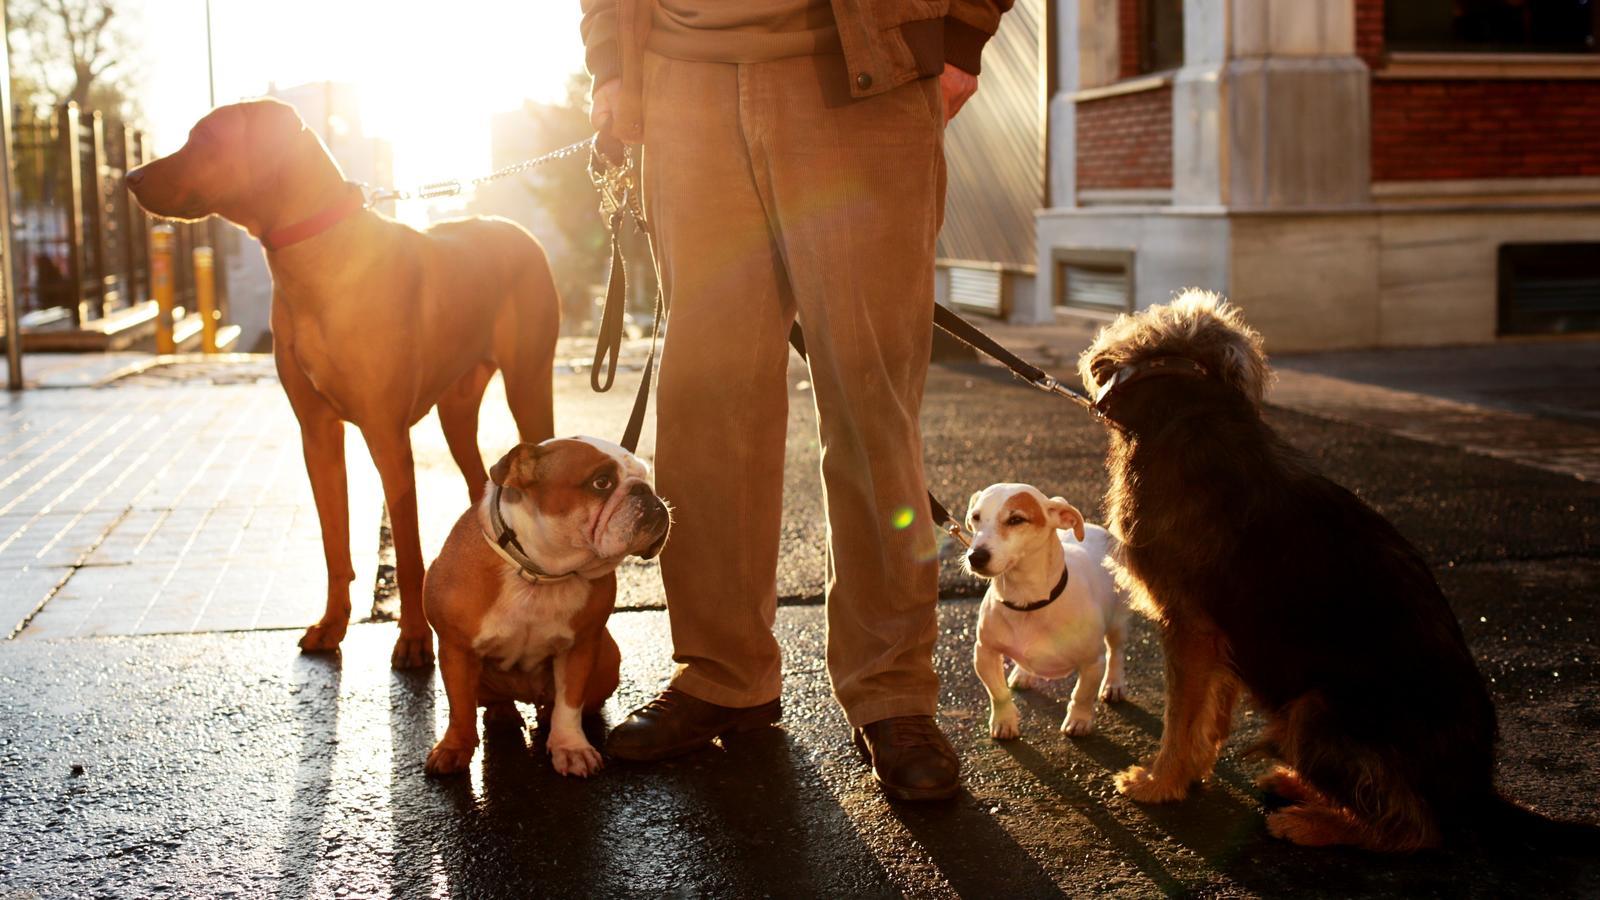 So viele verschiedene Hunderassen - welche sind in Deutschland besonders beliebt?